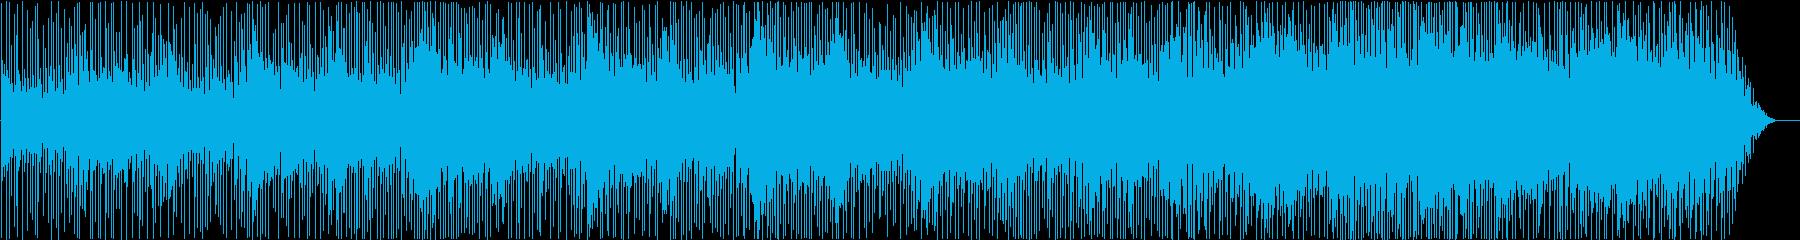 疾走感のあるアコースティックギターロックの再生済みの波形